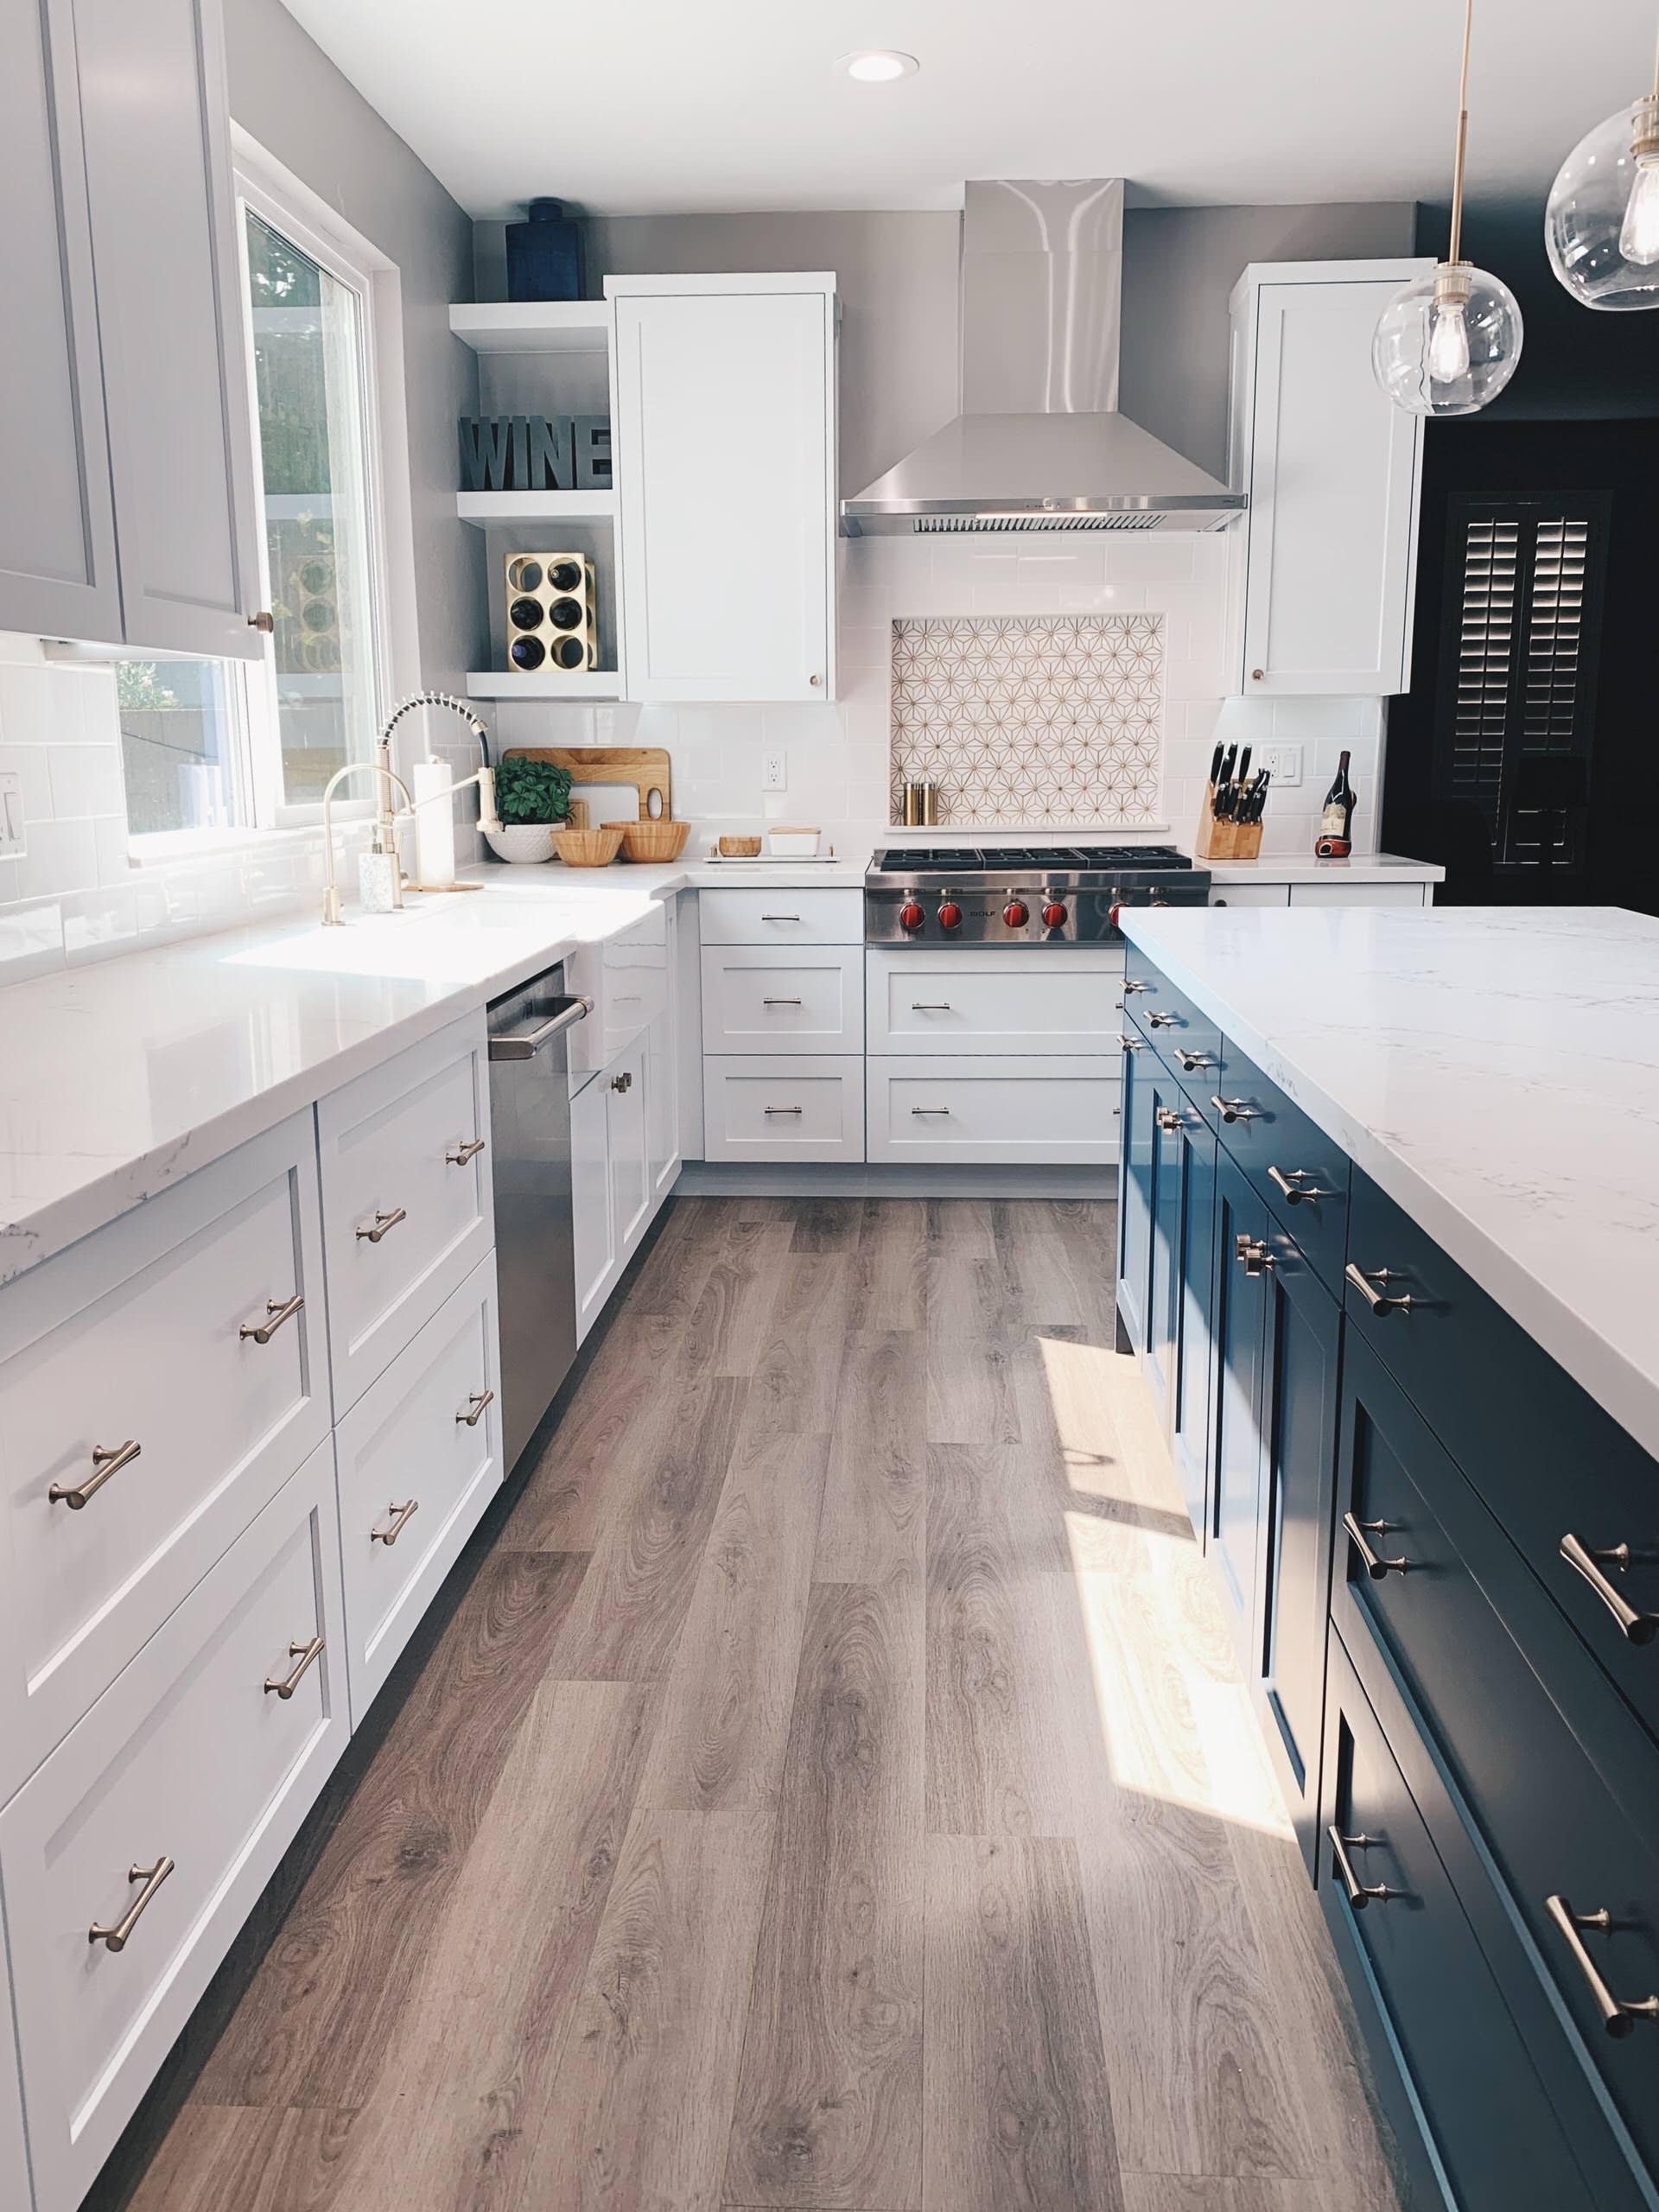 AMAZING kitchen rehab